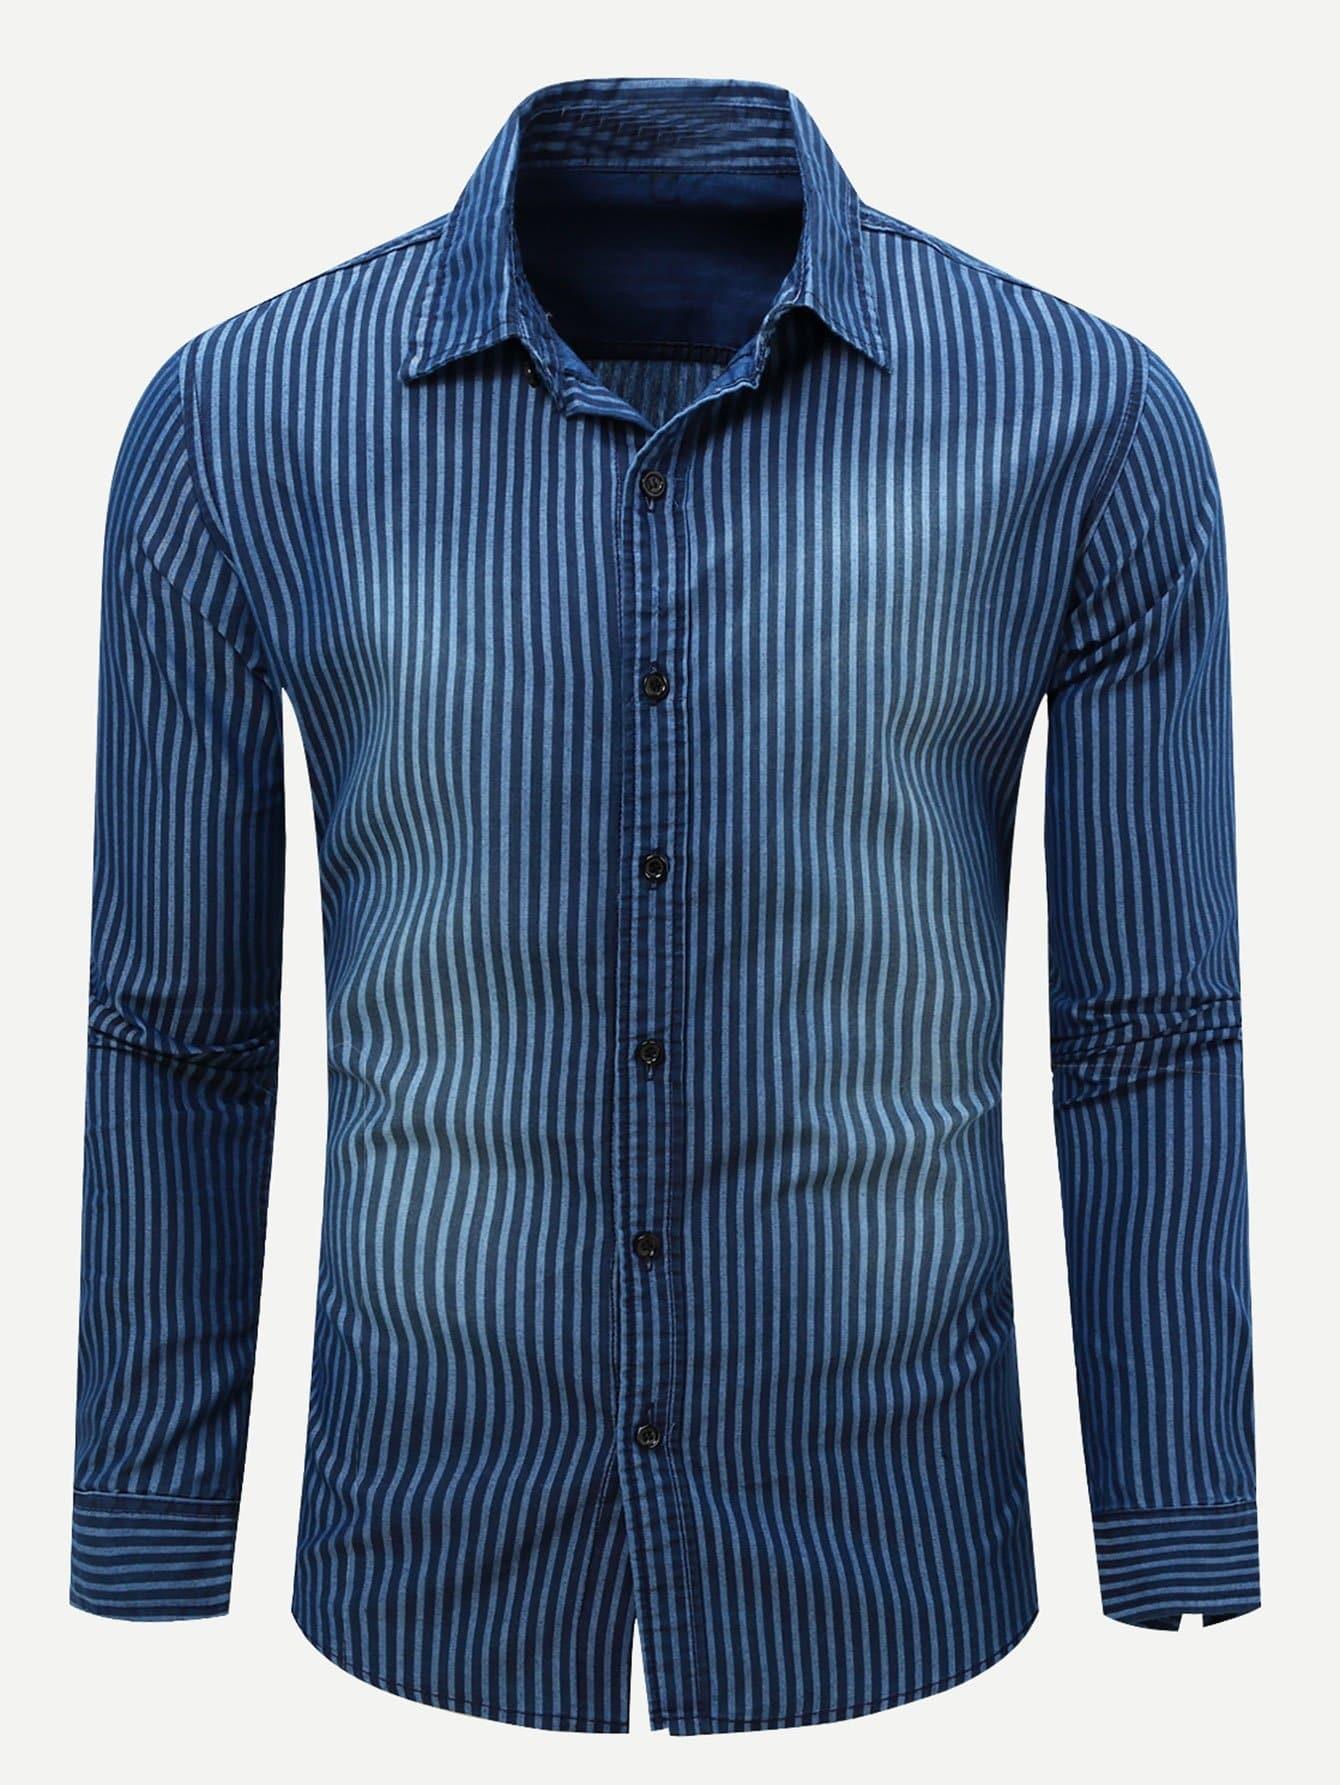 Men Vertical-Striped Long Sleeve Denim Shirt Men Vertical-Striped Long Sleeve Denim Shirt